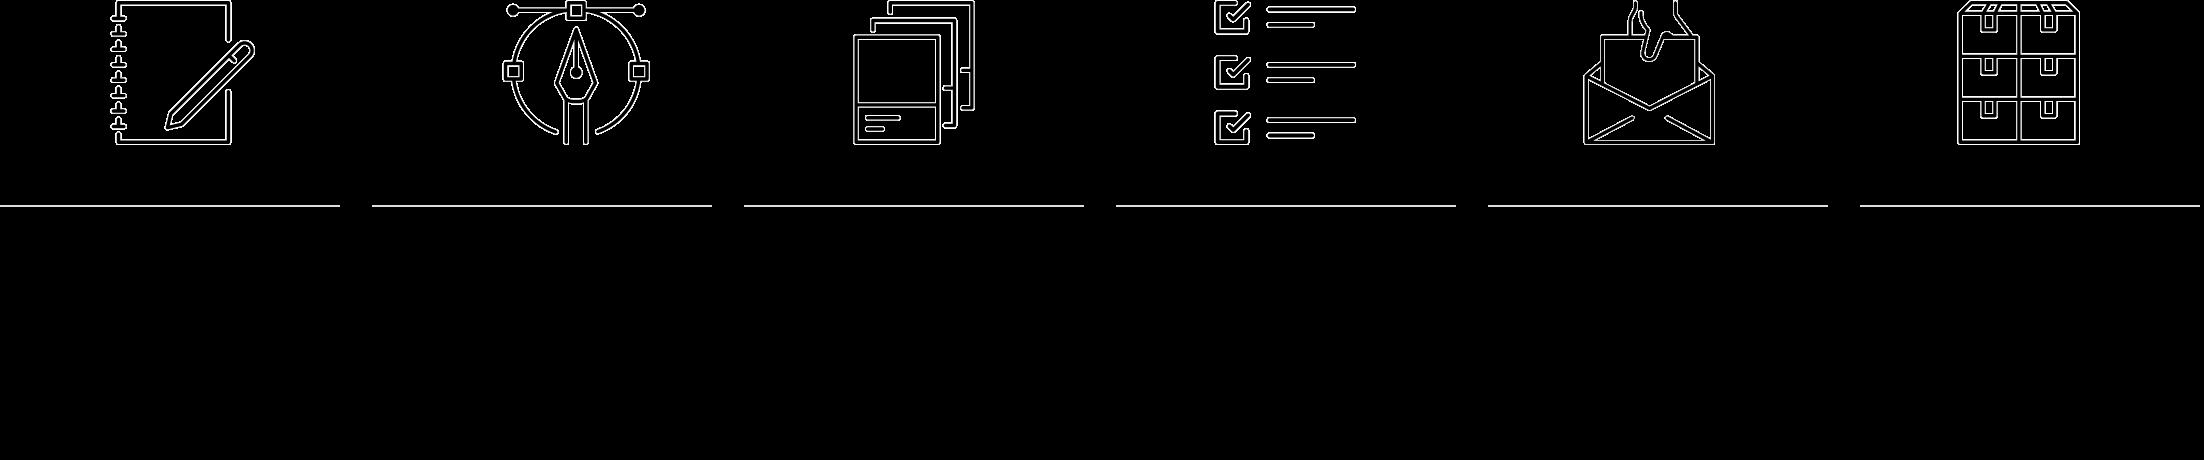 企画立案/仕様設計 ・各種発送媒体のコスト削減 ・各種広告媒体提案 ・同梱発送提案 制作・編集・チラシ/封筒デザイン ・各種広告デザイン 印刷・ダイレクトメール印刷 ・紙封筒/PP封筒/別製封筒印刷 ・チラシ印刷 等 データ加工 ・データ入力/加工/集計 作業・発送・ラベル出力/貼付/封入/区分 ・ダイレクトメール発送 保管・封筒/資材などの保管 ・パレット・コンビラック保管